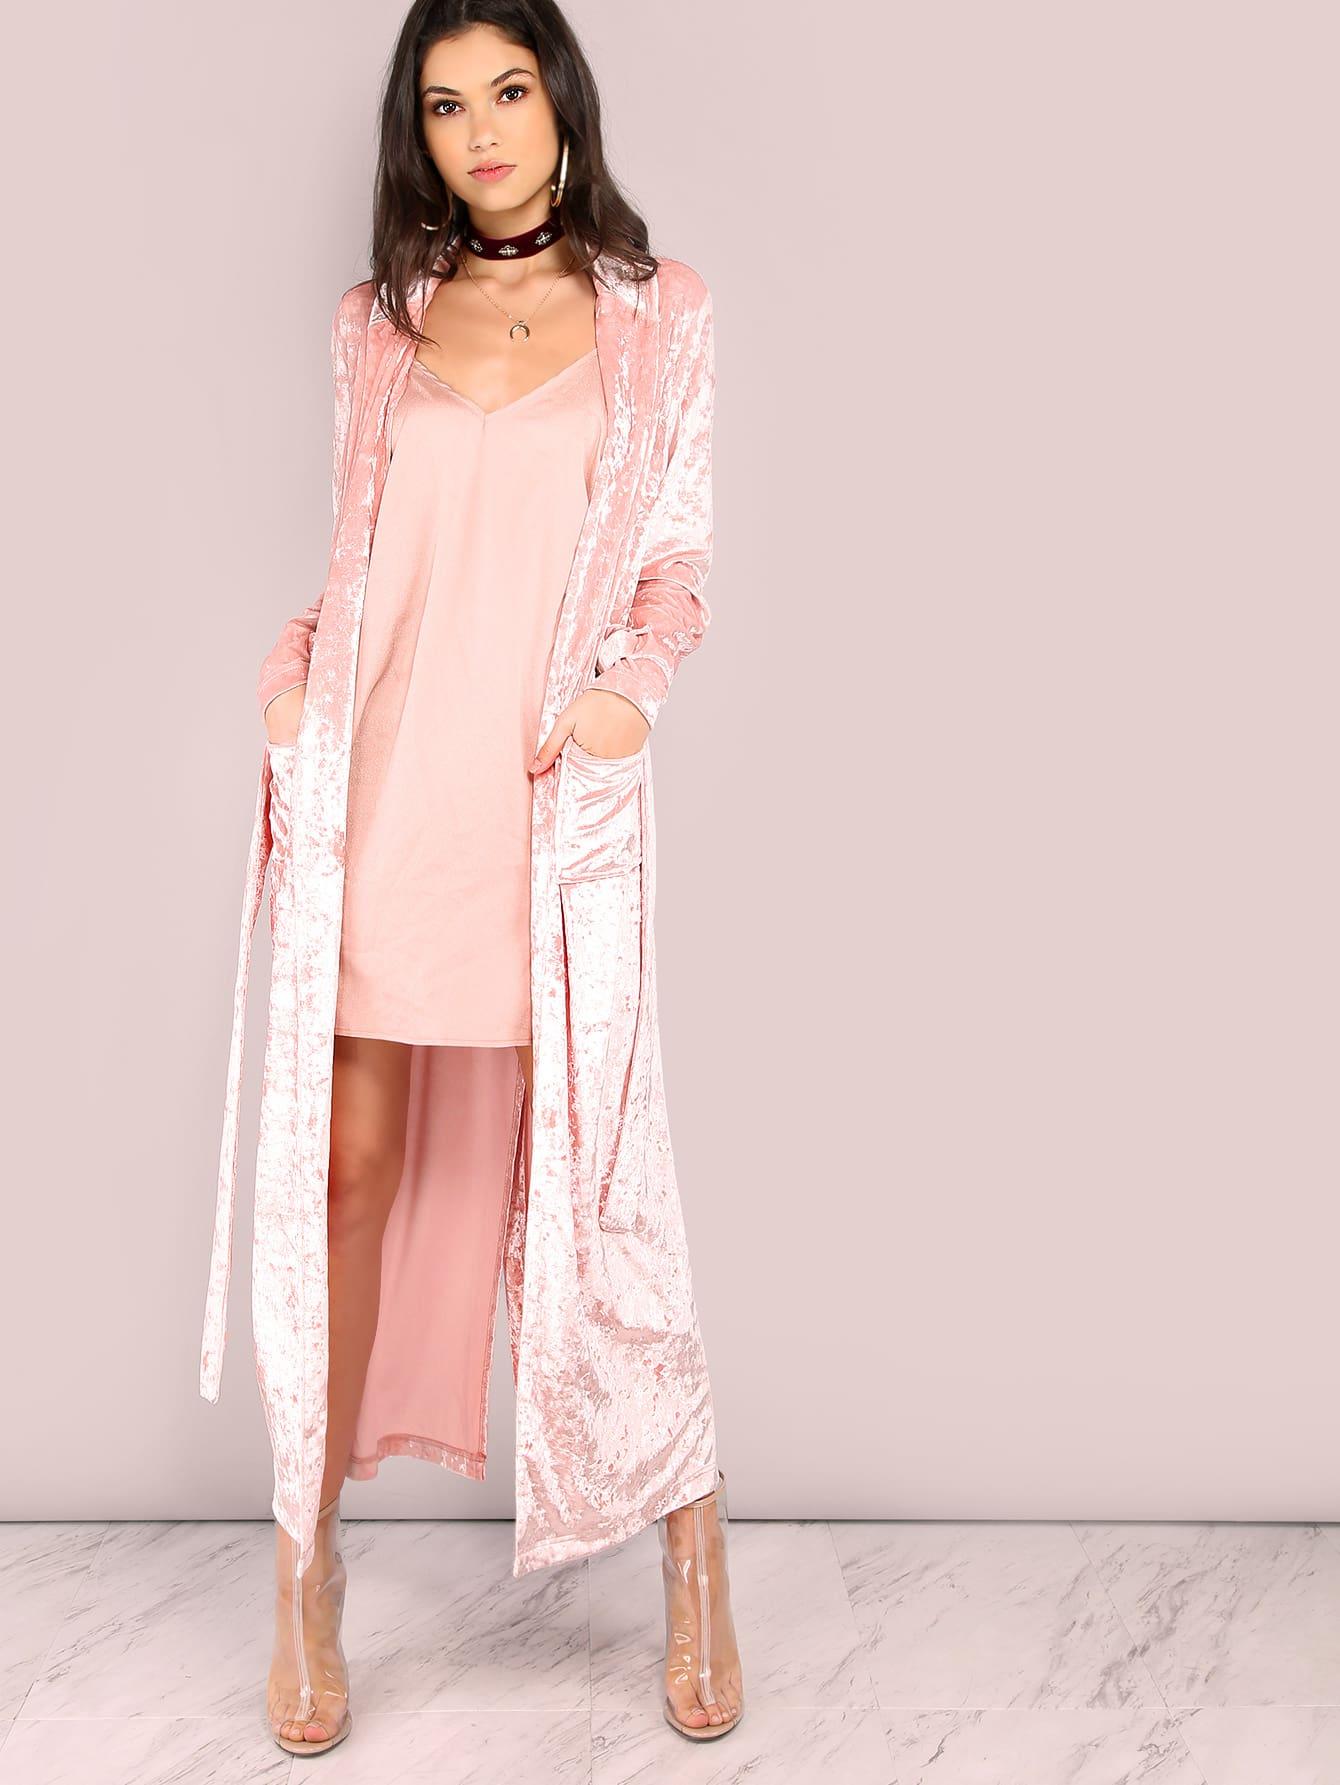 Pink Shawl Collar Longline Wrap CoatPink Shawl Collar Longline Wrap Coat<br><br>color: Pink<br>size: L,M,S,XS